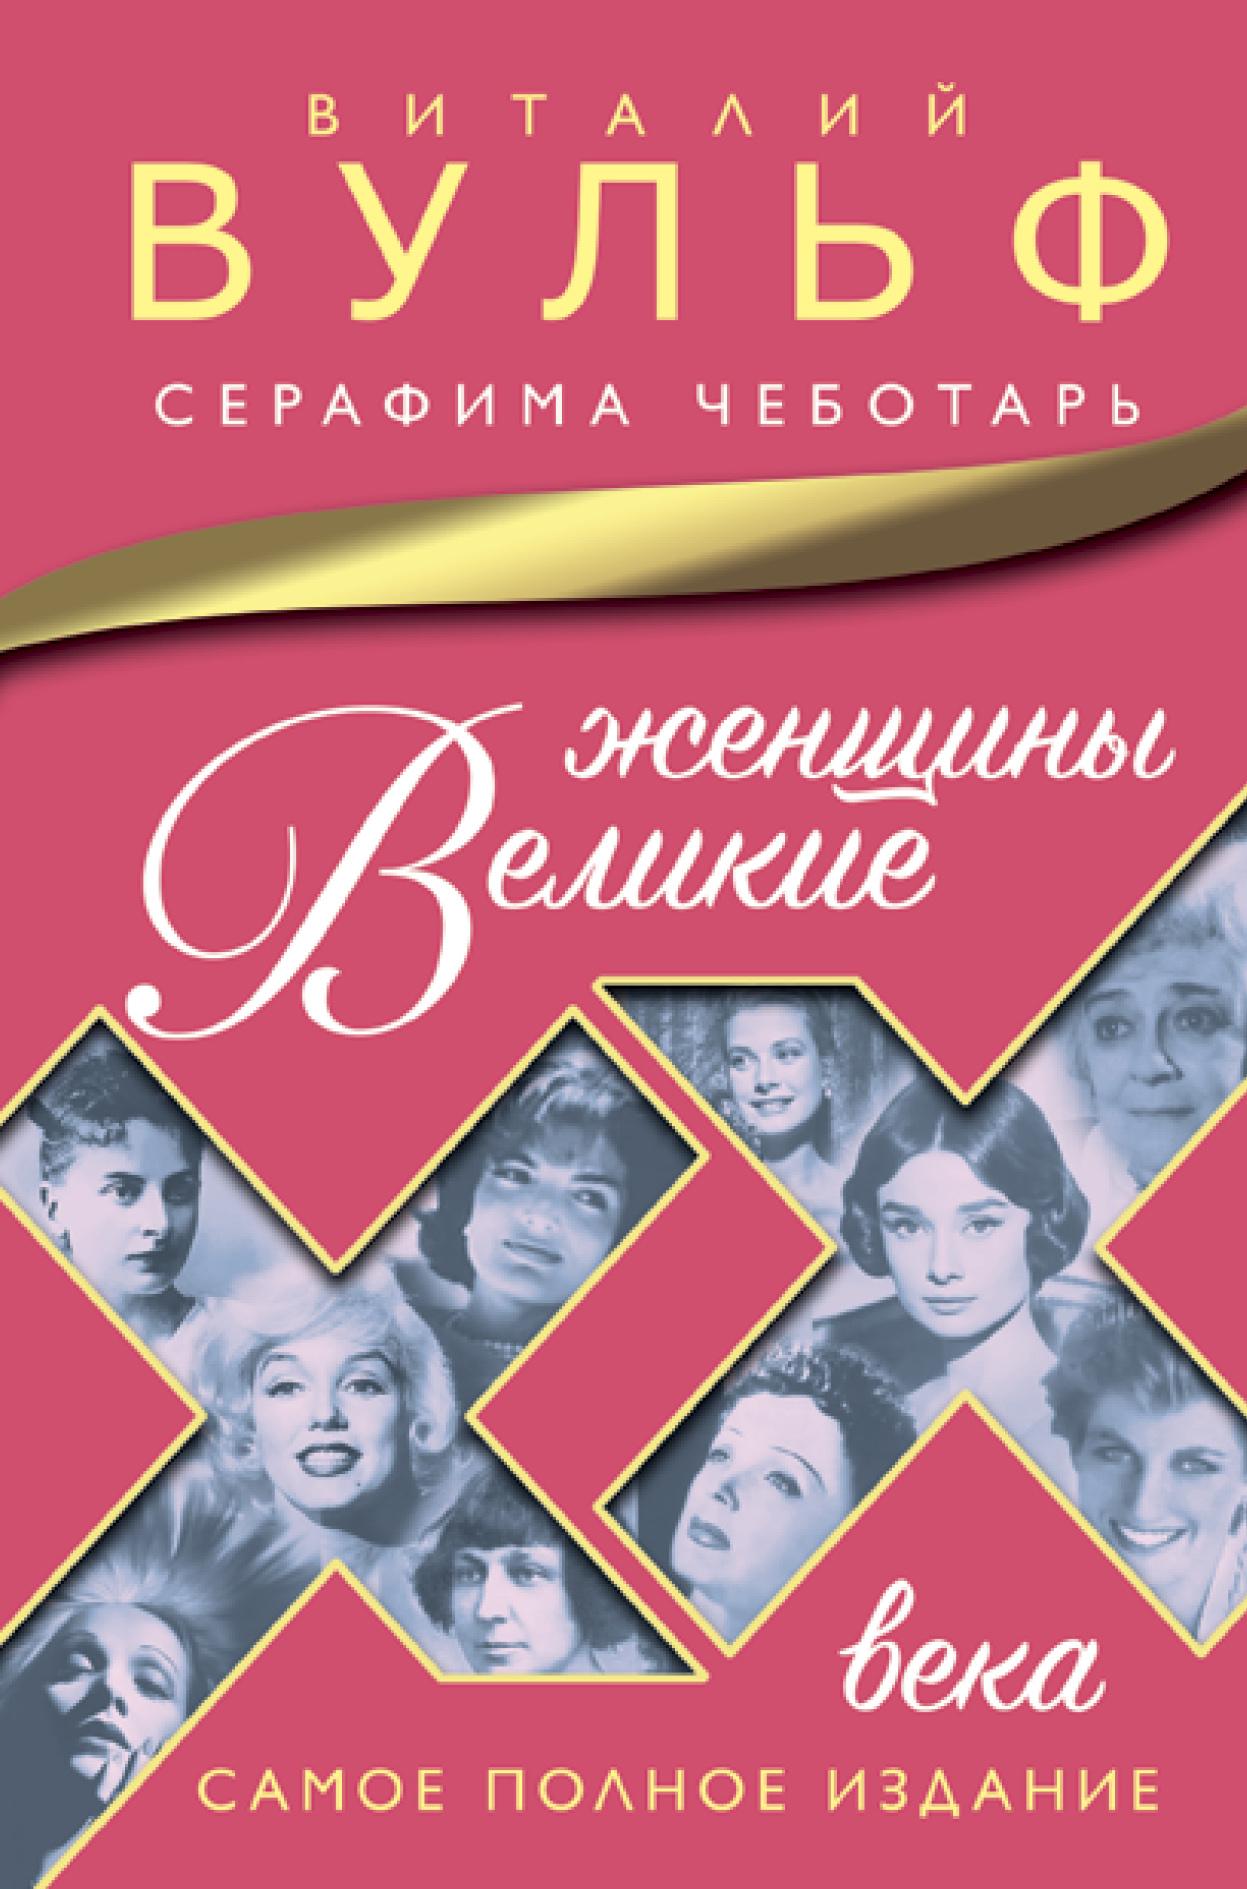 Виталий Вульф, Серафима Чеботарь Великие женщины XX века. Самое полное издание